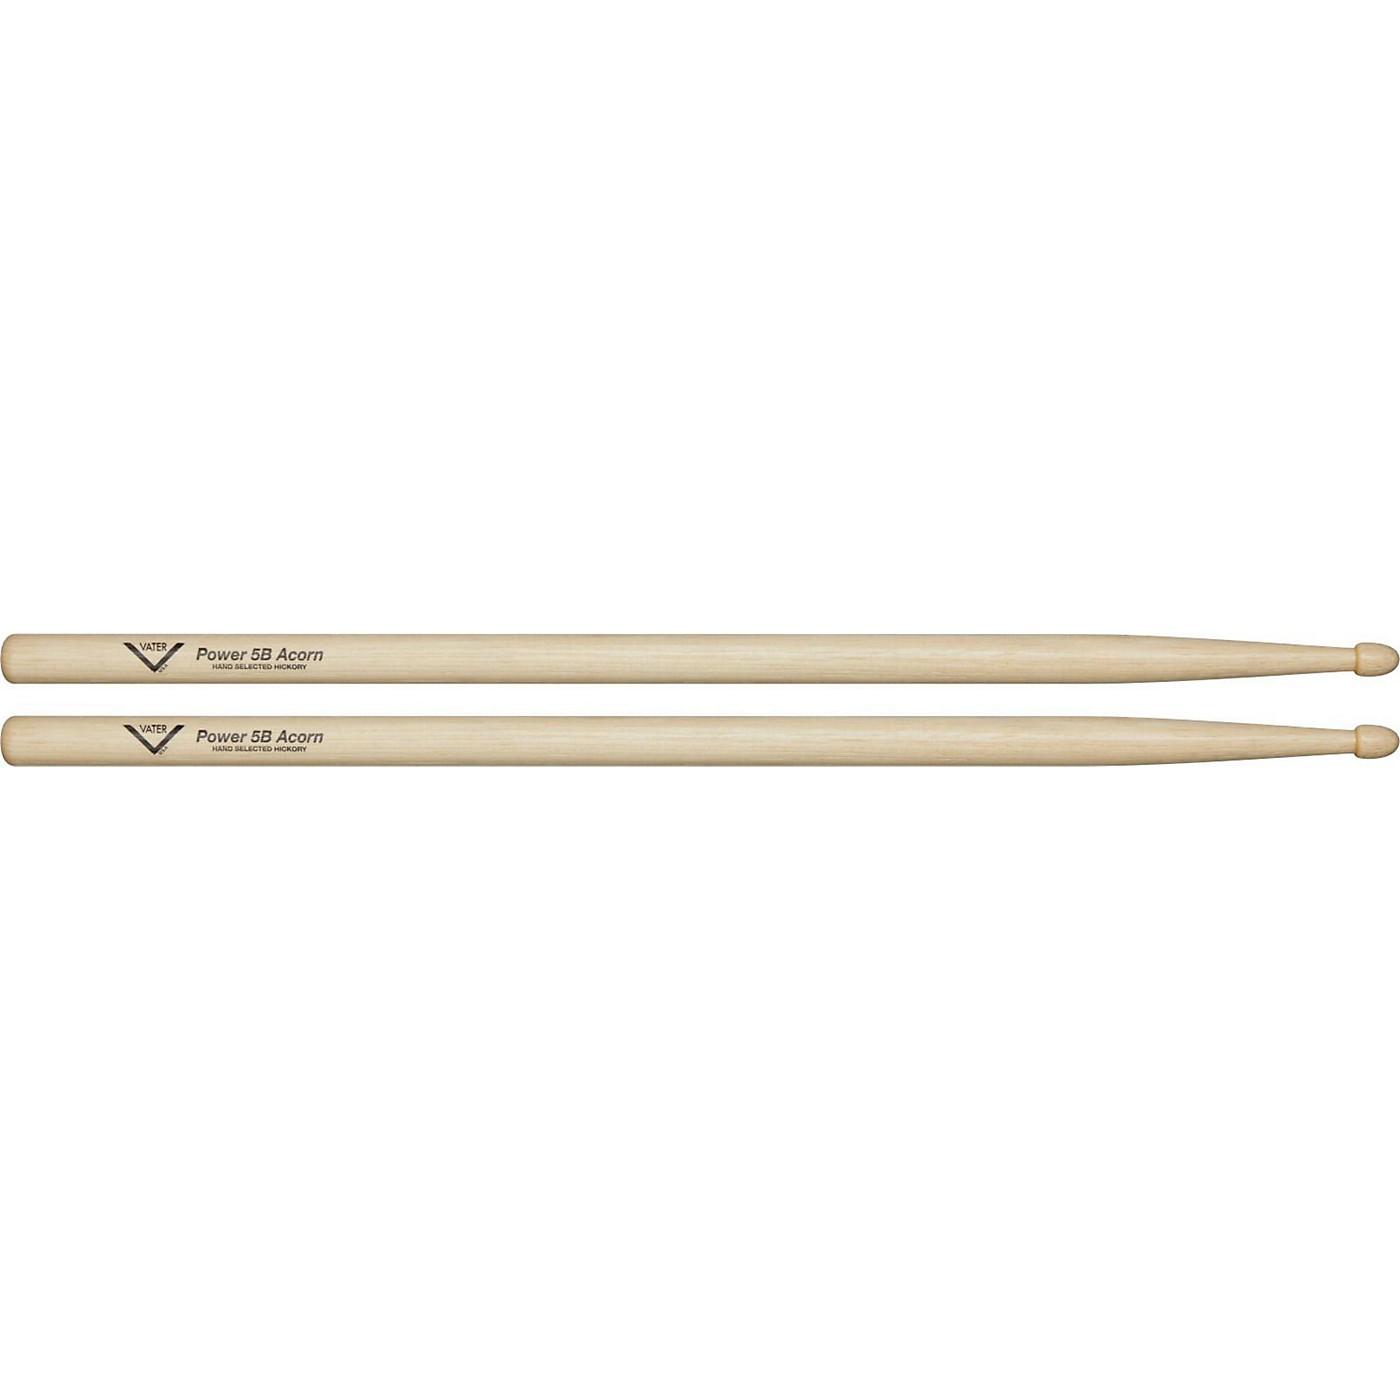 Vater Power 5B Acorn Tip Drum Sticks thumbnail